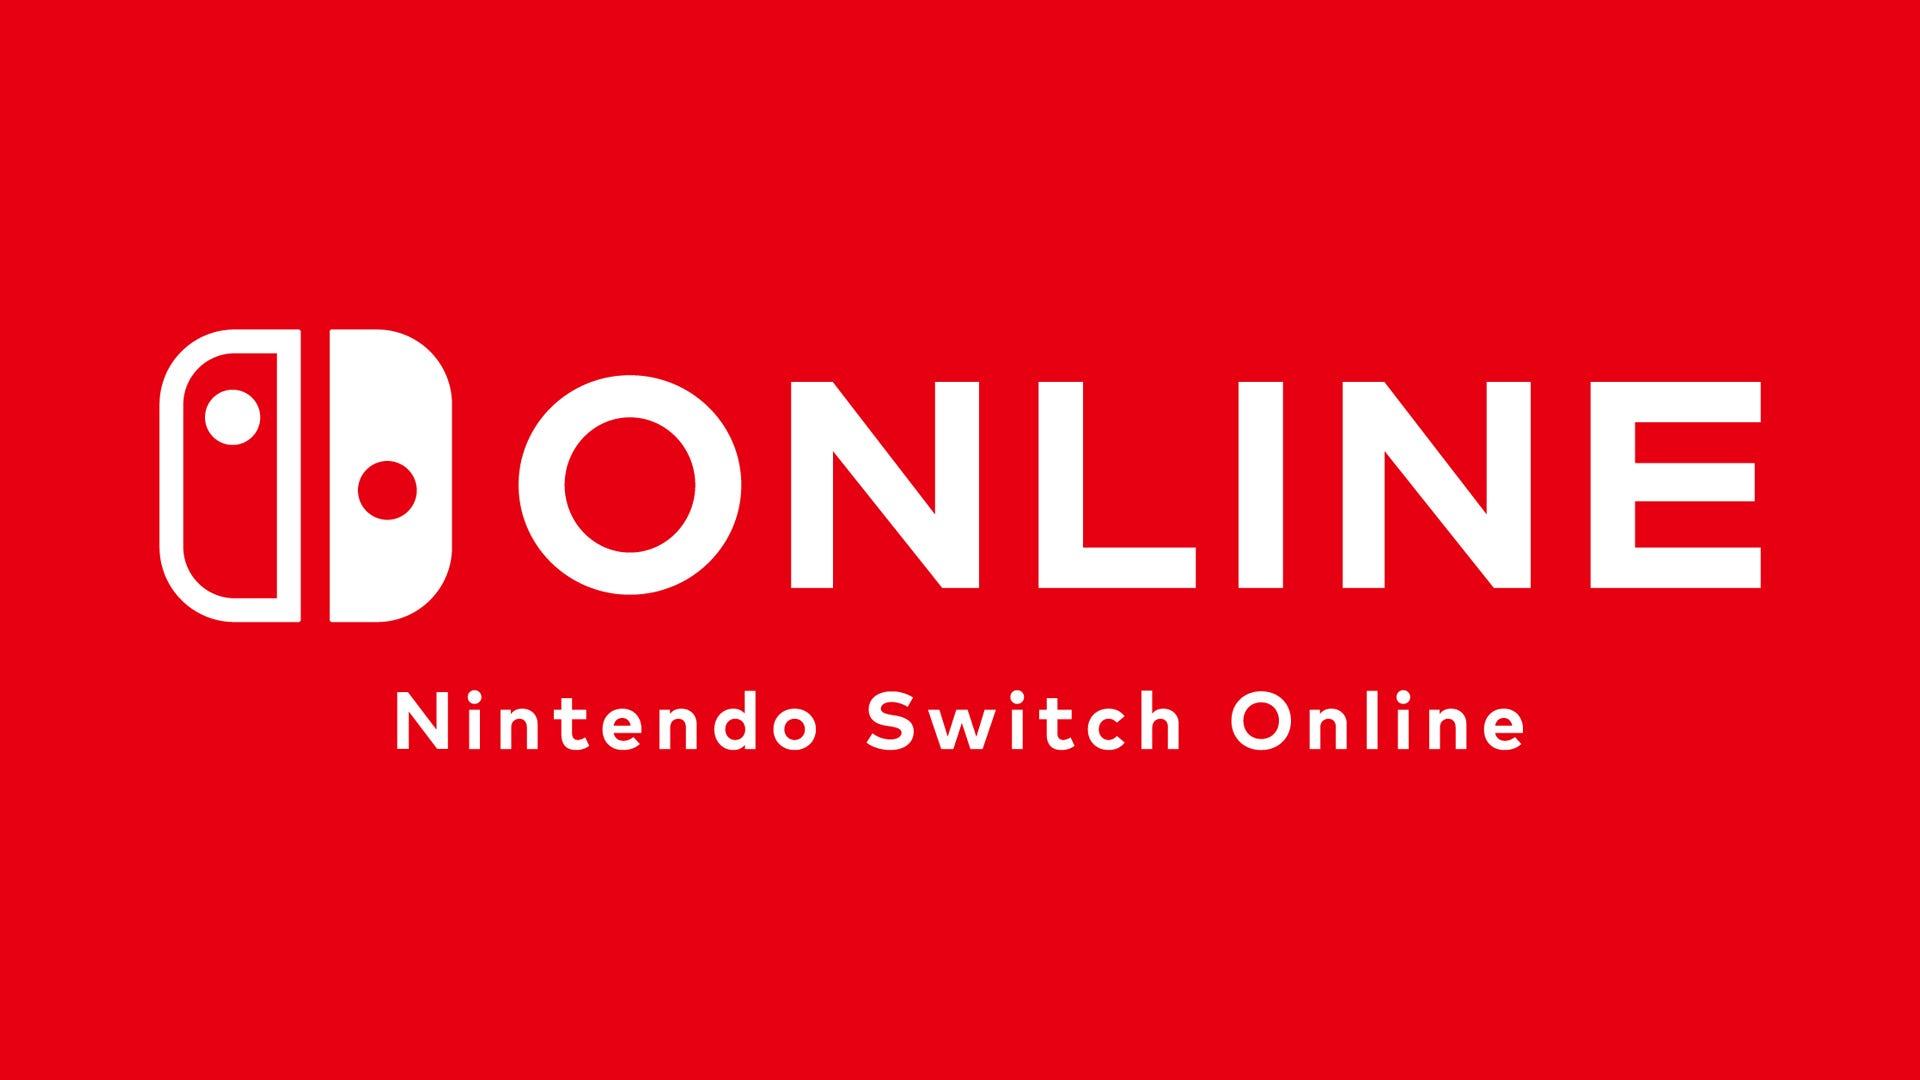 Alles, was Sie über Nintendo wissen müssen Wechseln Sie Online, bevor es 18. September